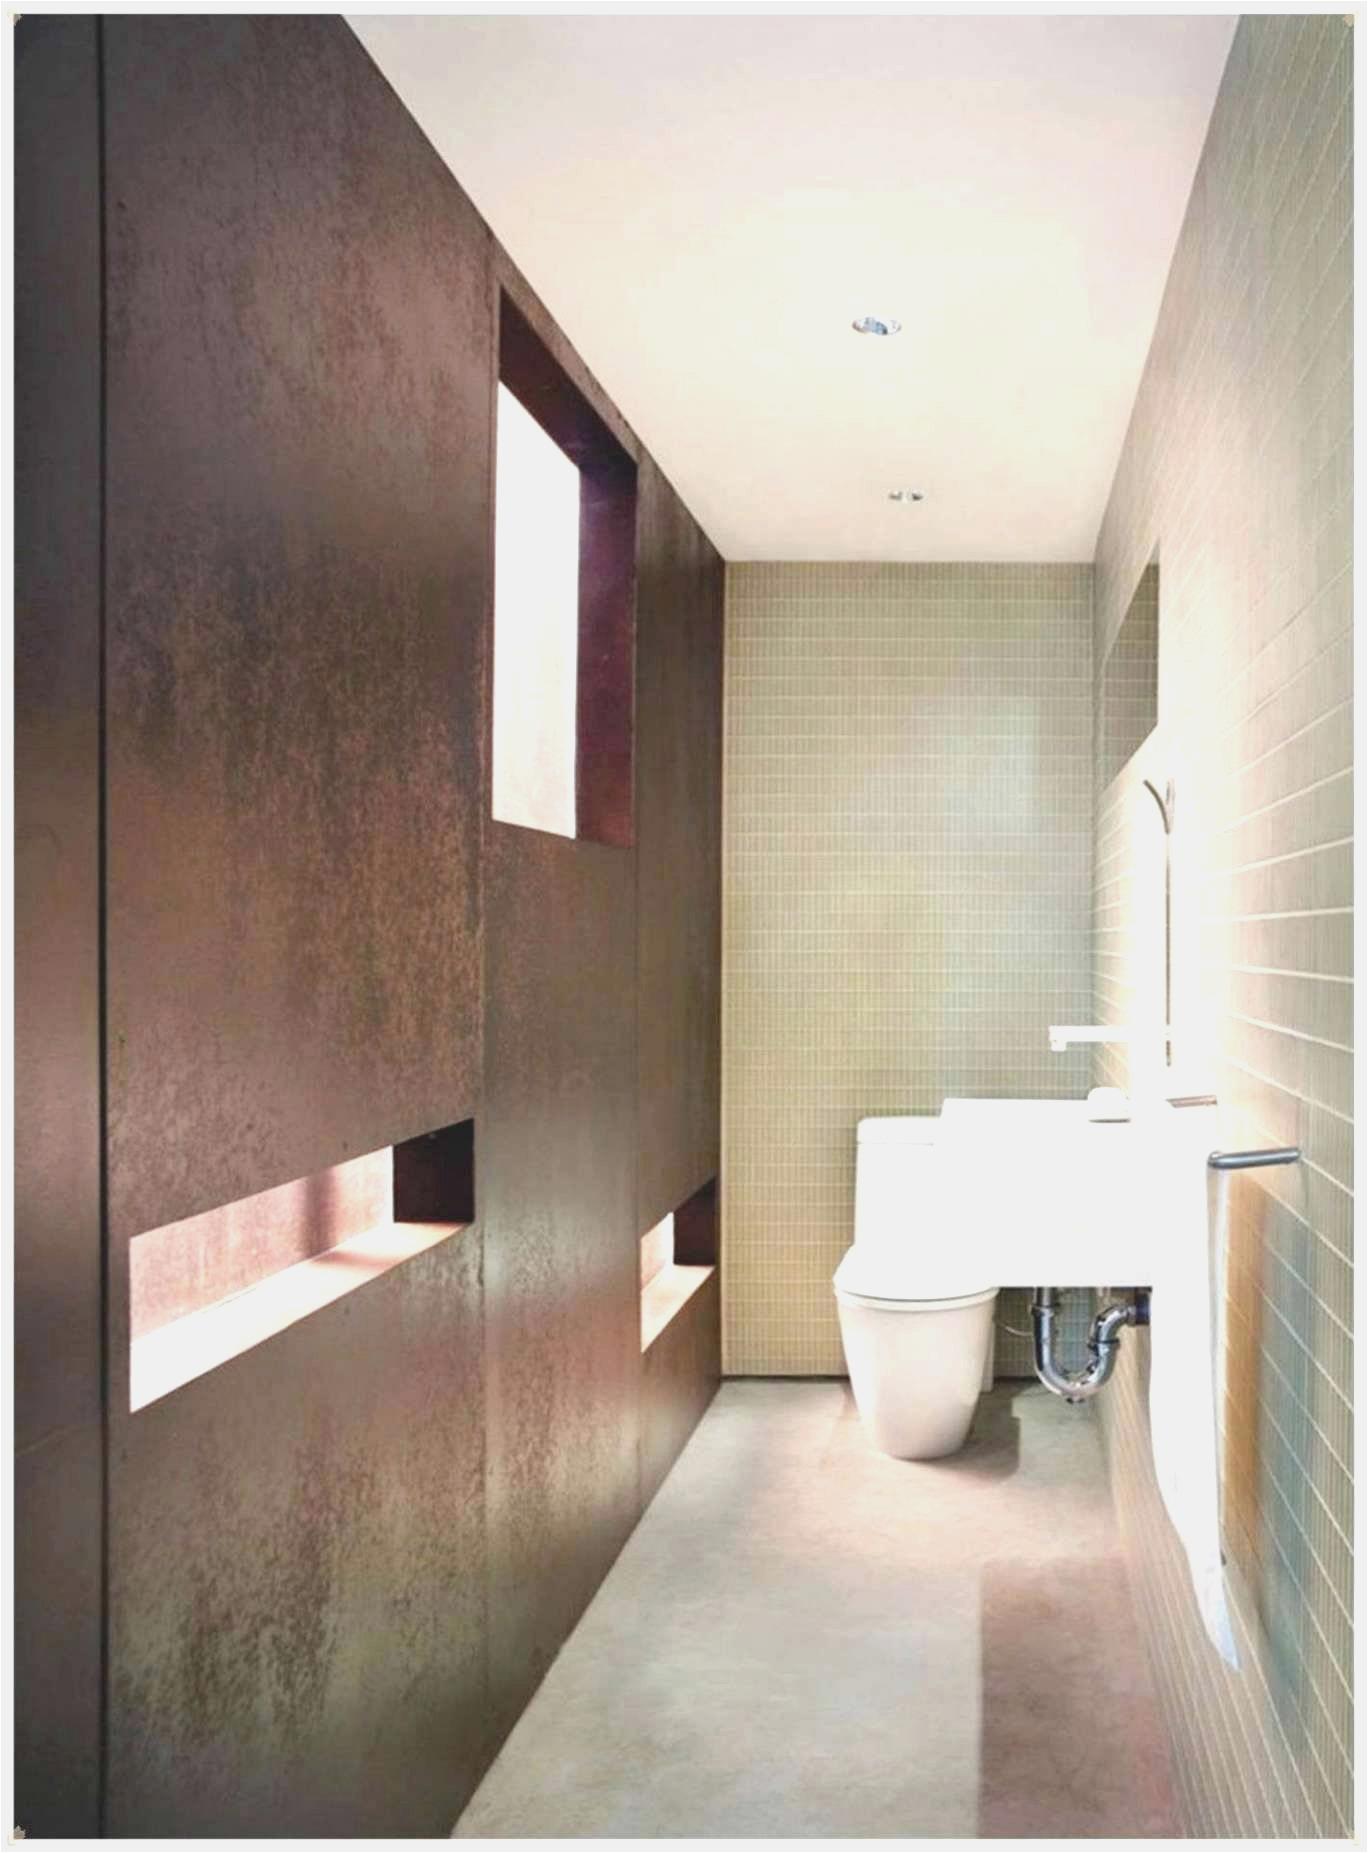 spiegel fur badezimmer best of eckschrank fur badezimmer of spiegel fur badezimmer 1